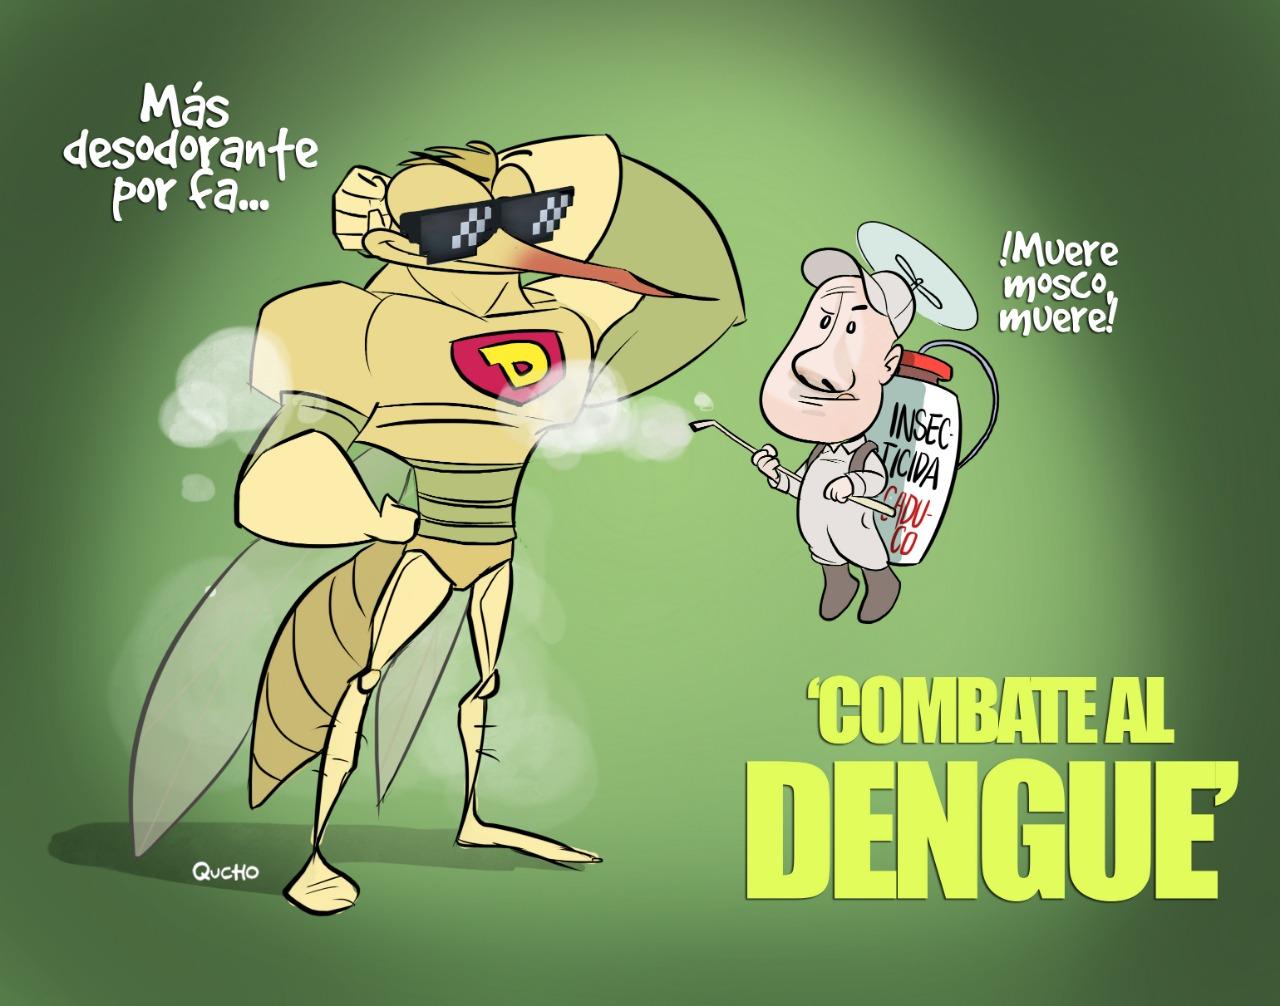 dengue-qucho-insecticida-jalisco-partidero